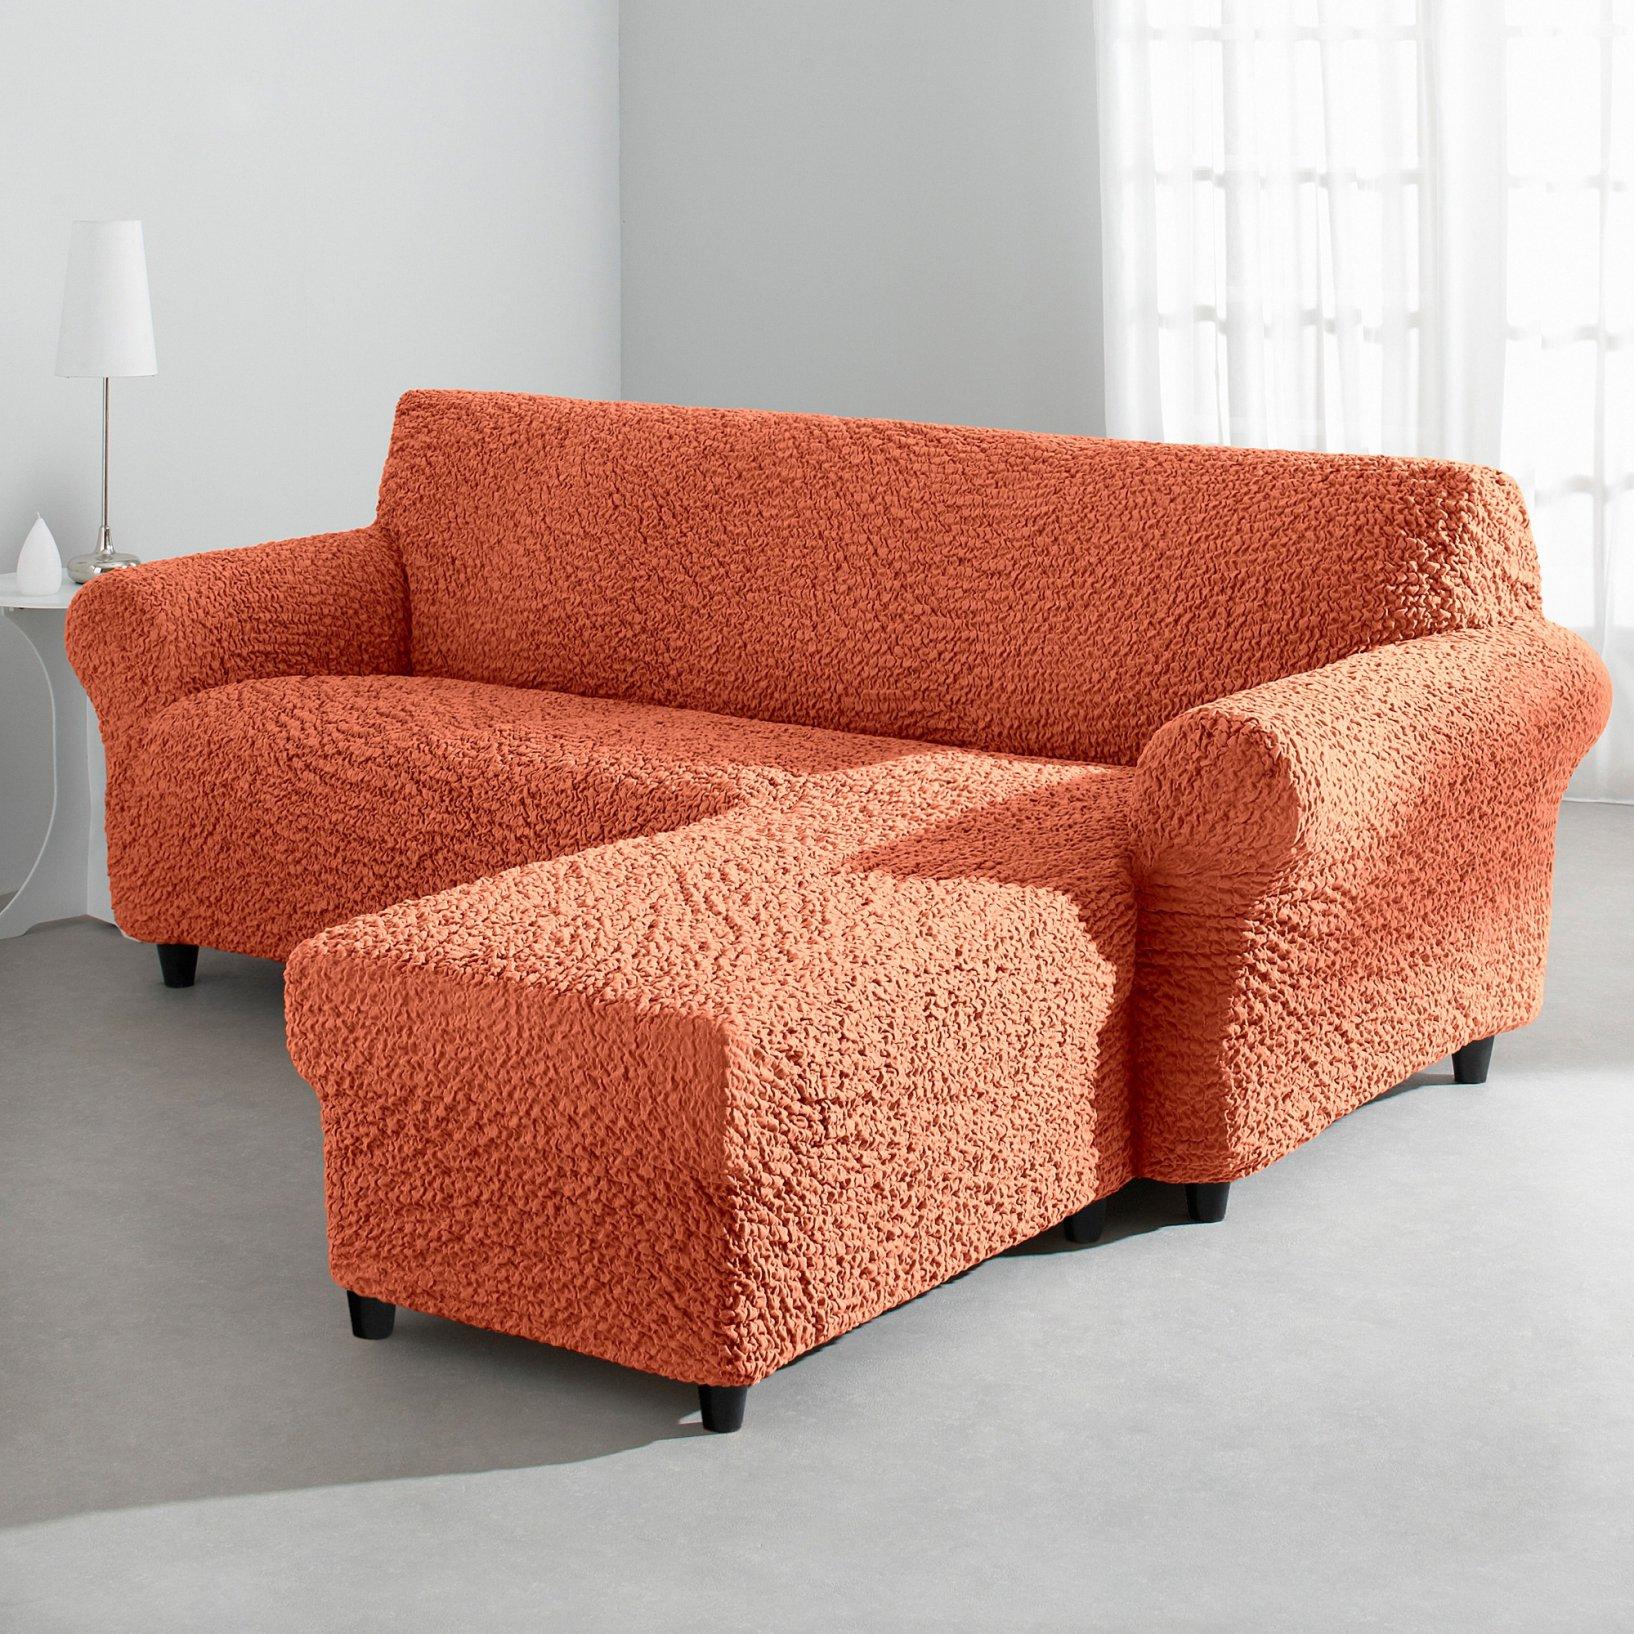 Housse De Canape Extensible Avec Accoudoir Frais Images Housse Canap 3 Places Ikea Best Canap Places Ektorp Ikea Blanc